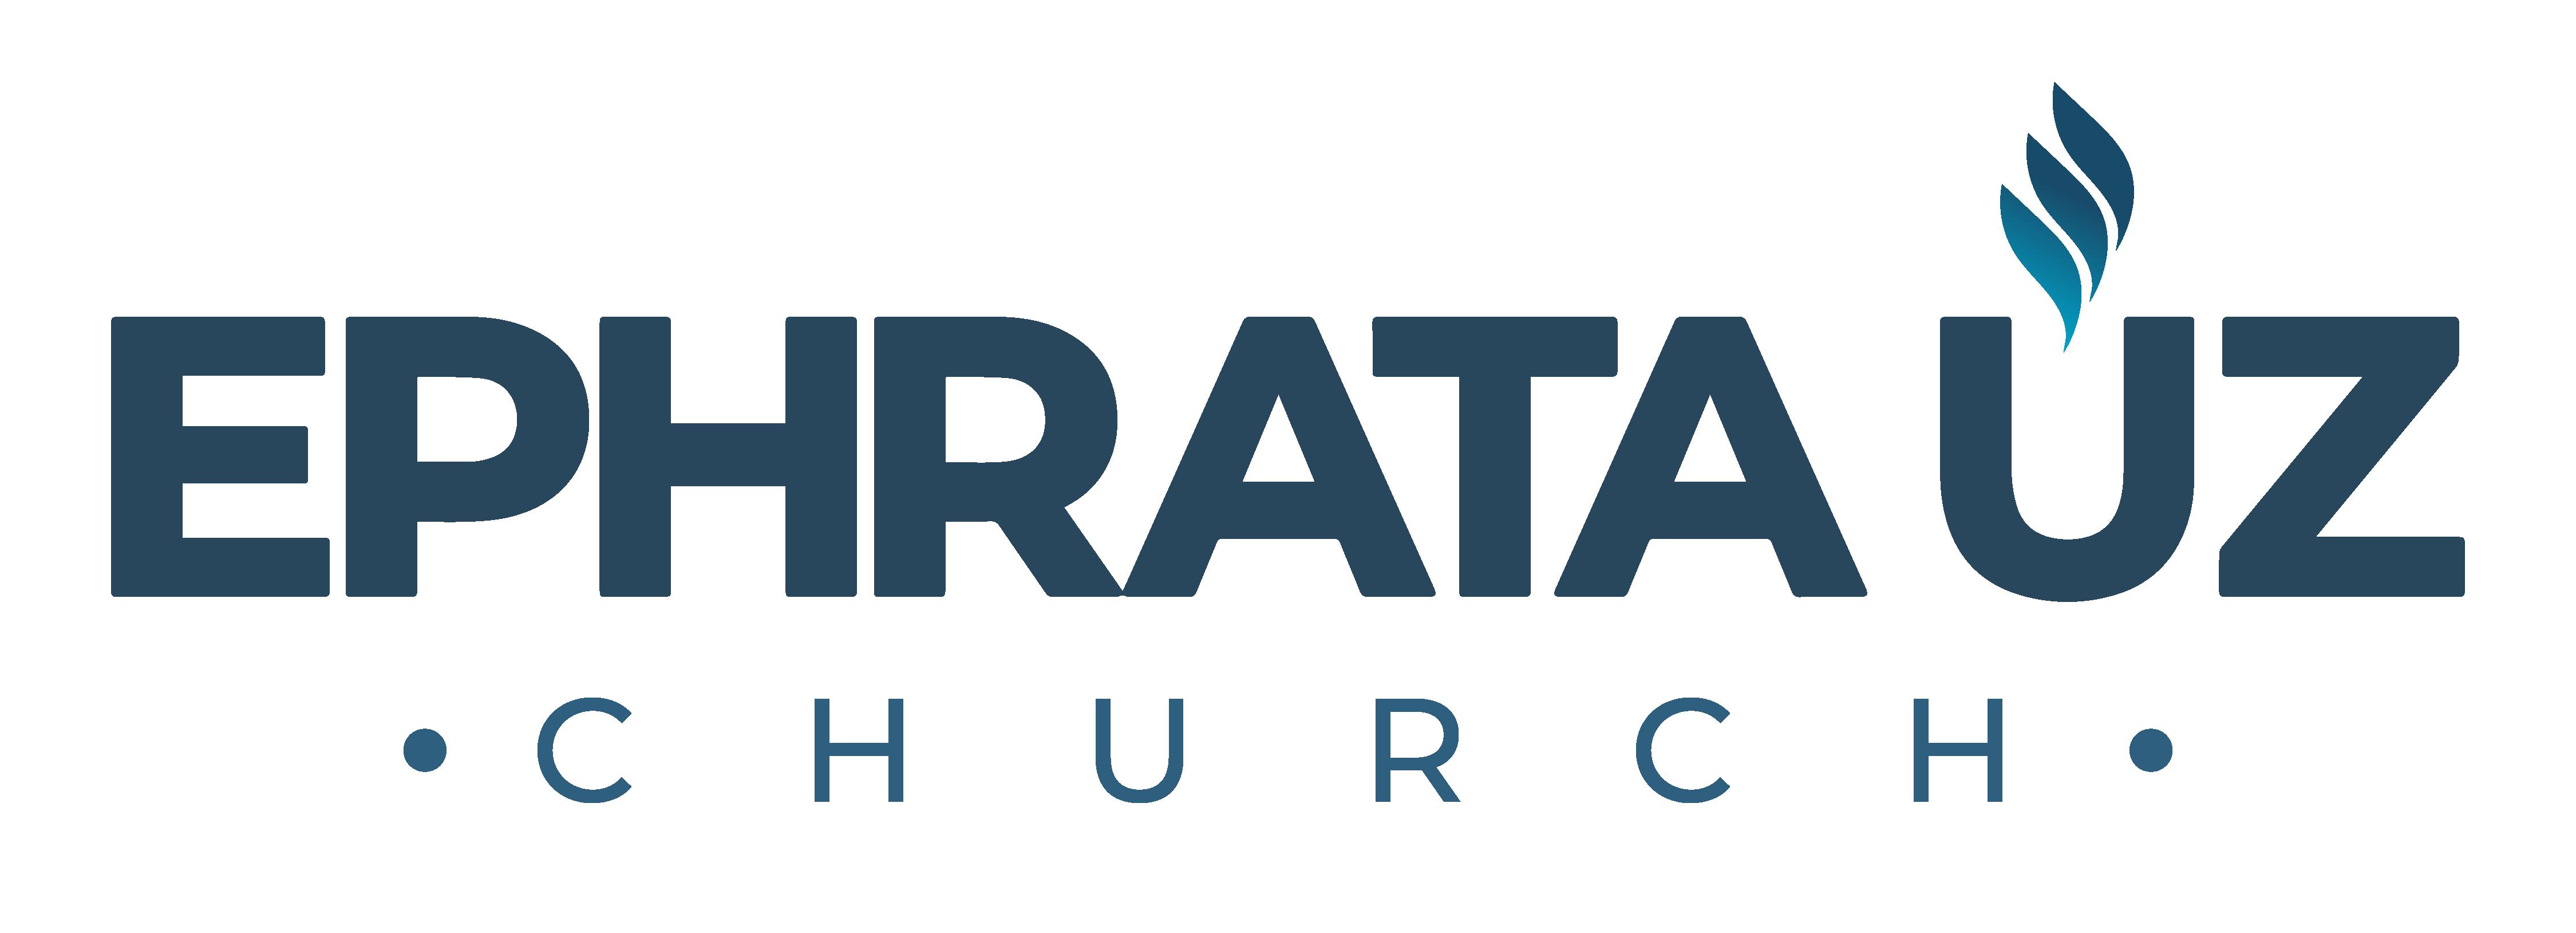 Ephrata United Zion